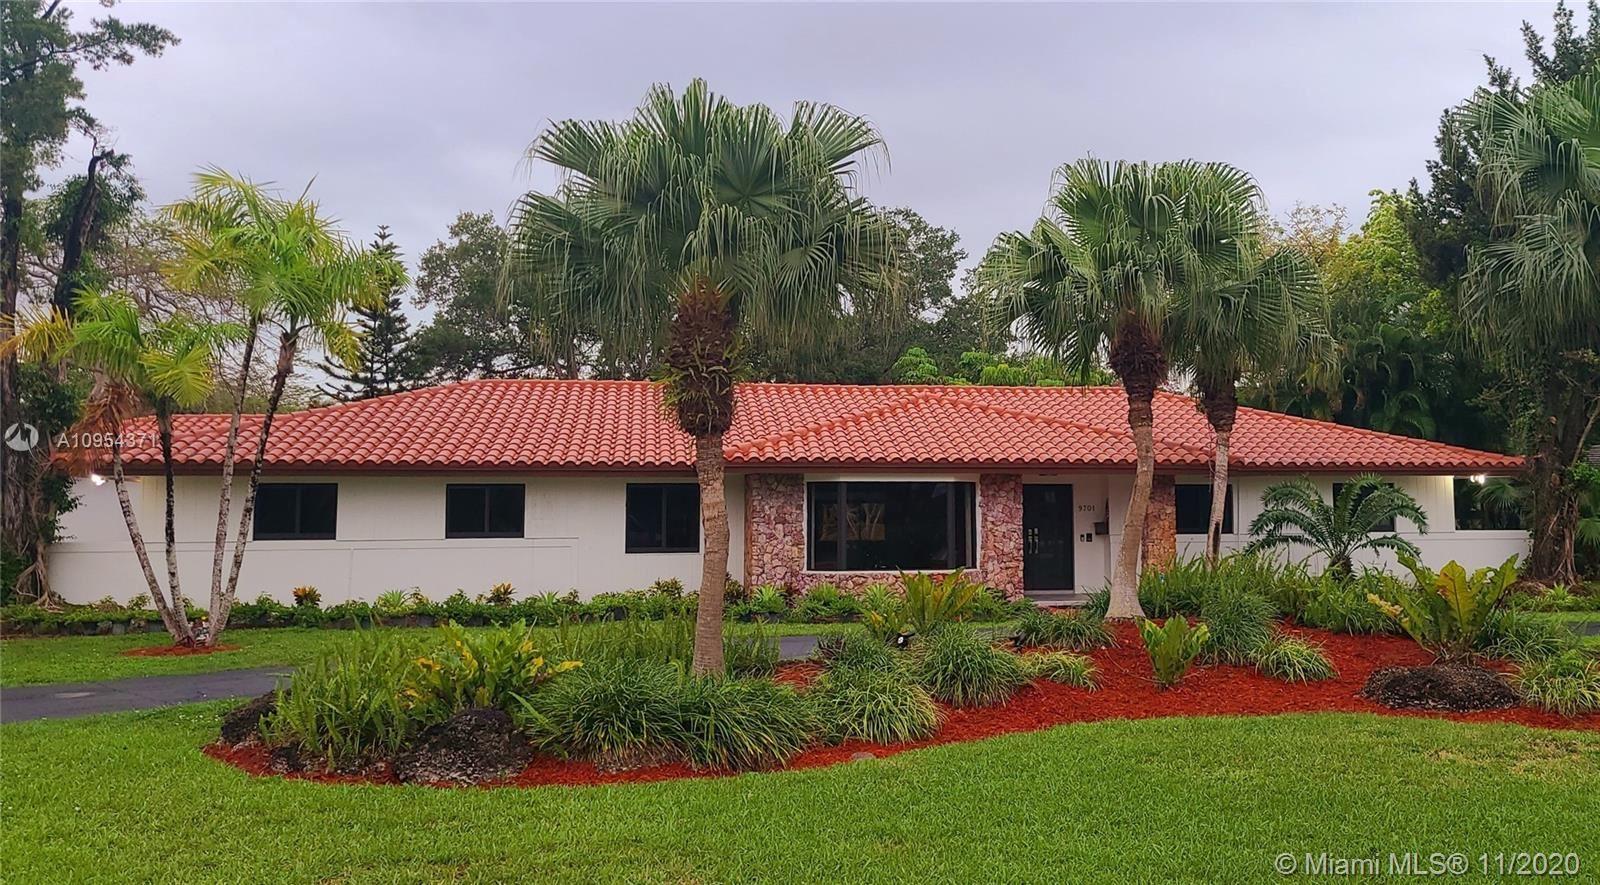 9701 SW 96th Ct, Miami, FL 33176 - #: A10954371